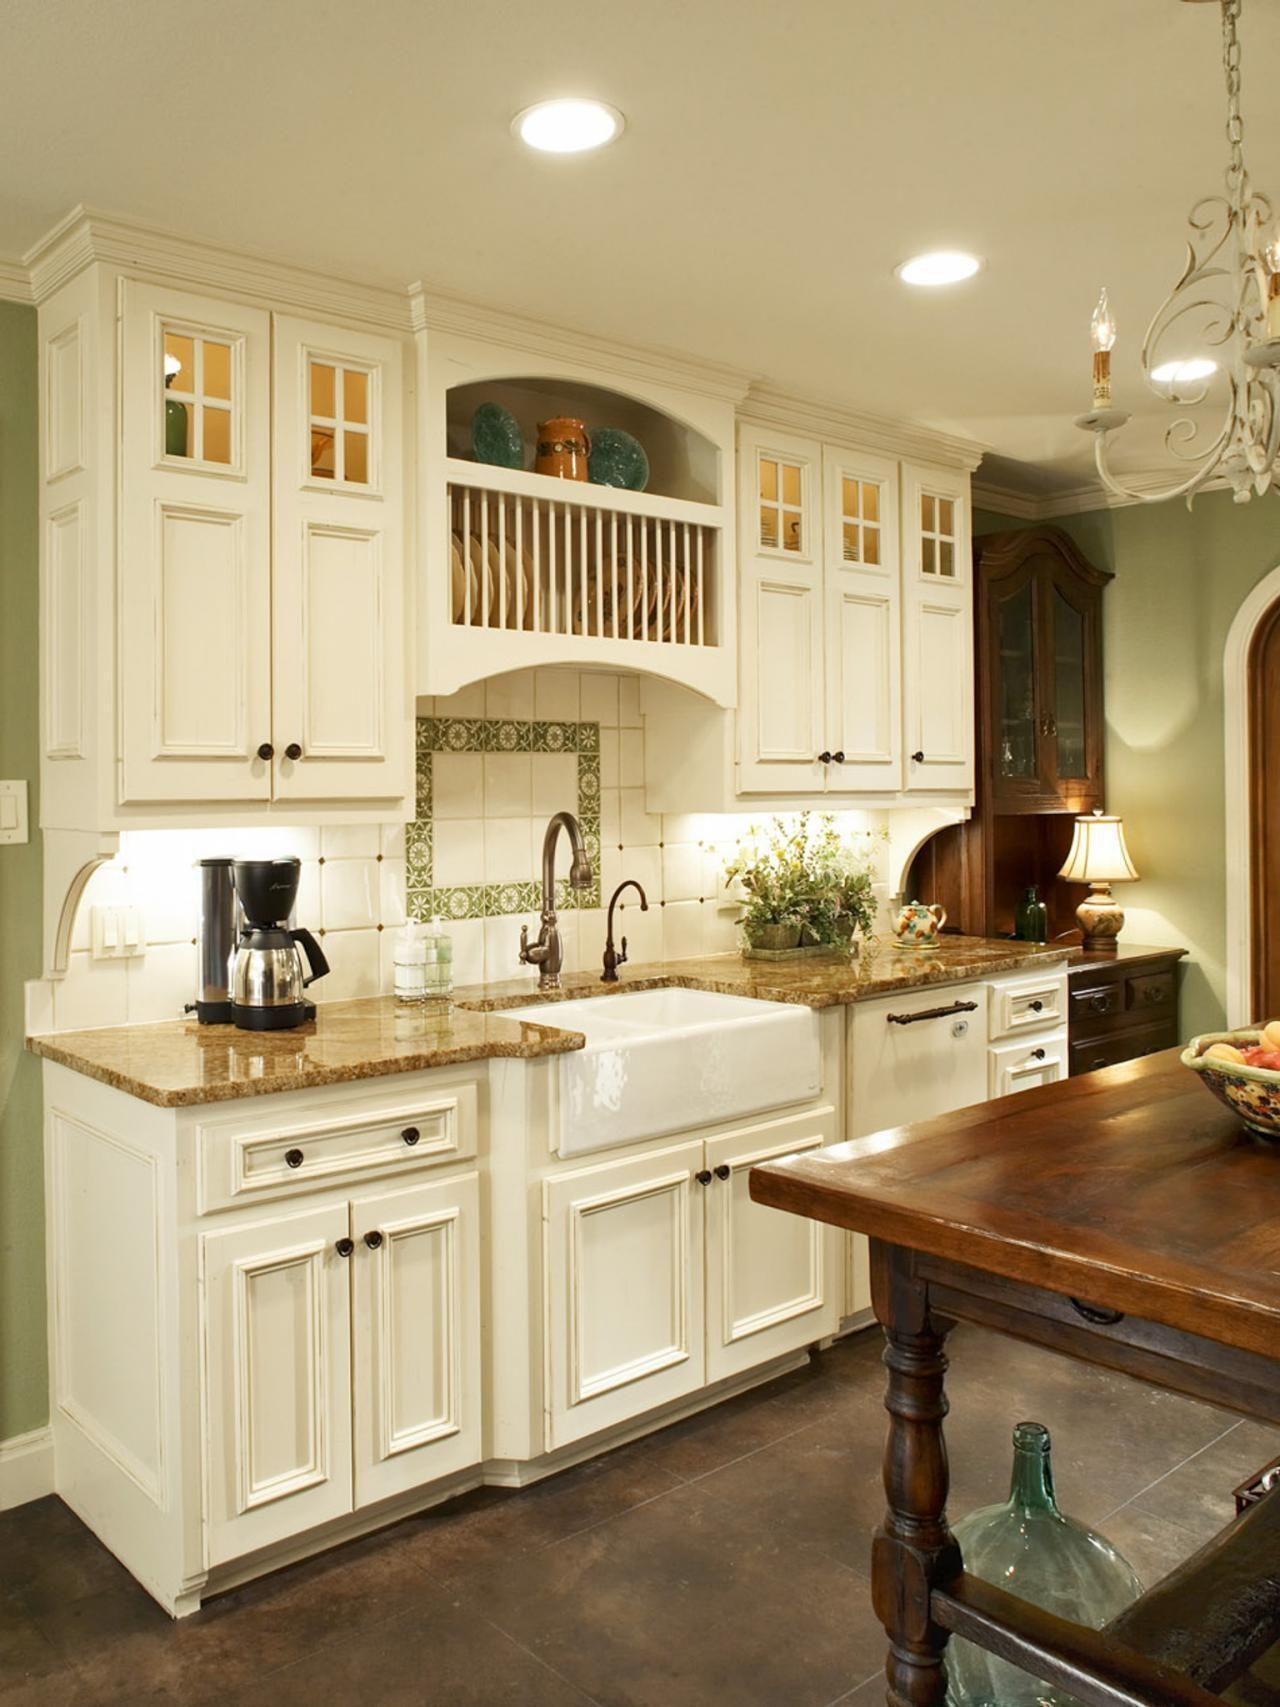 modern country kitchen ideas decor cabinets cottage kitchen cabinets country kitchen cabinets on kitchen ideas modern id=48822